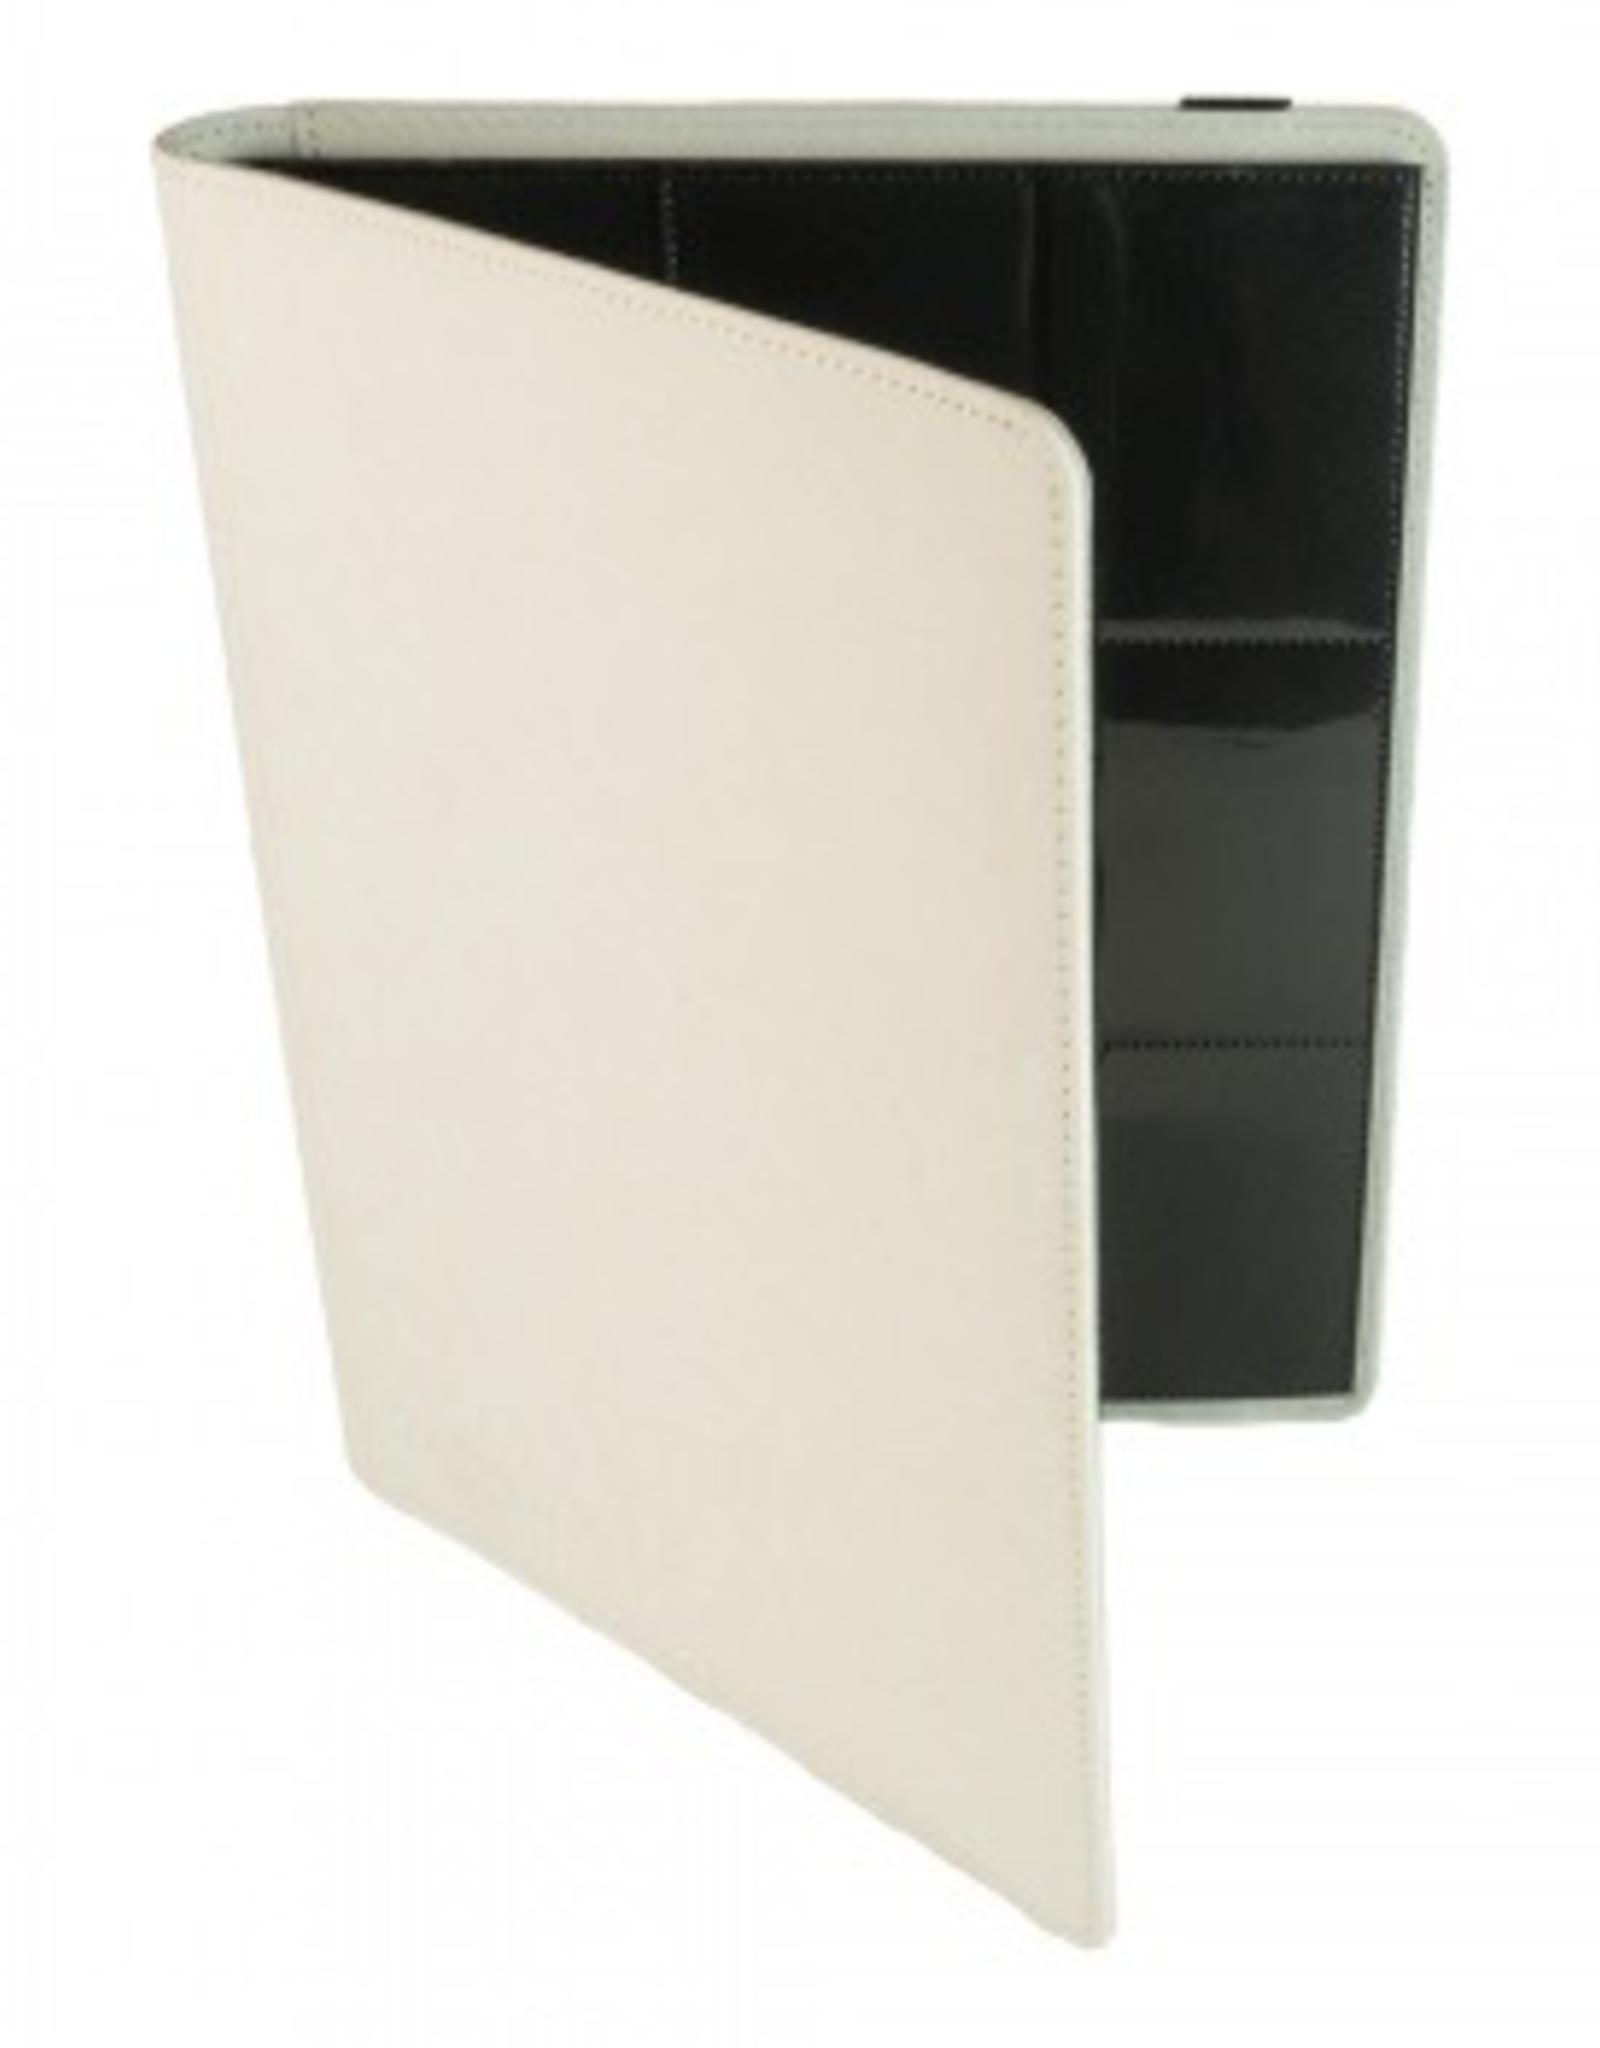 BF - Zubehör Blackfire 9-Pocket Premium Album - White